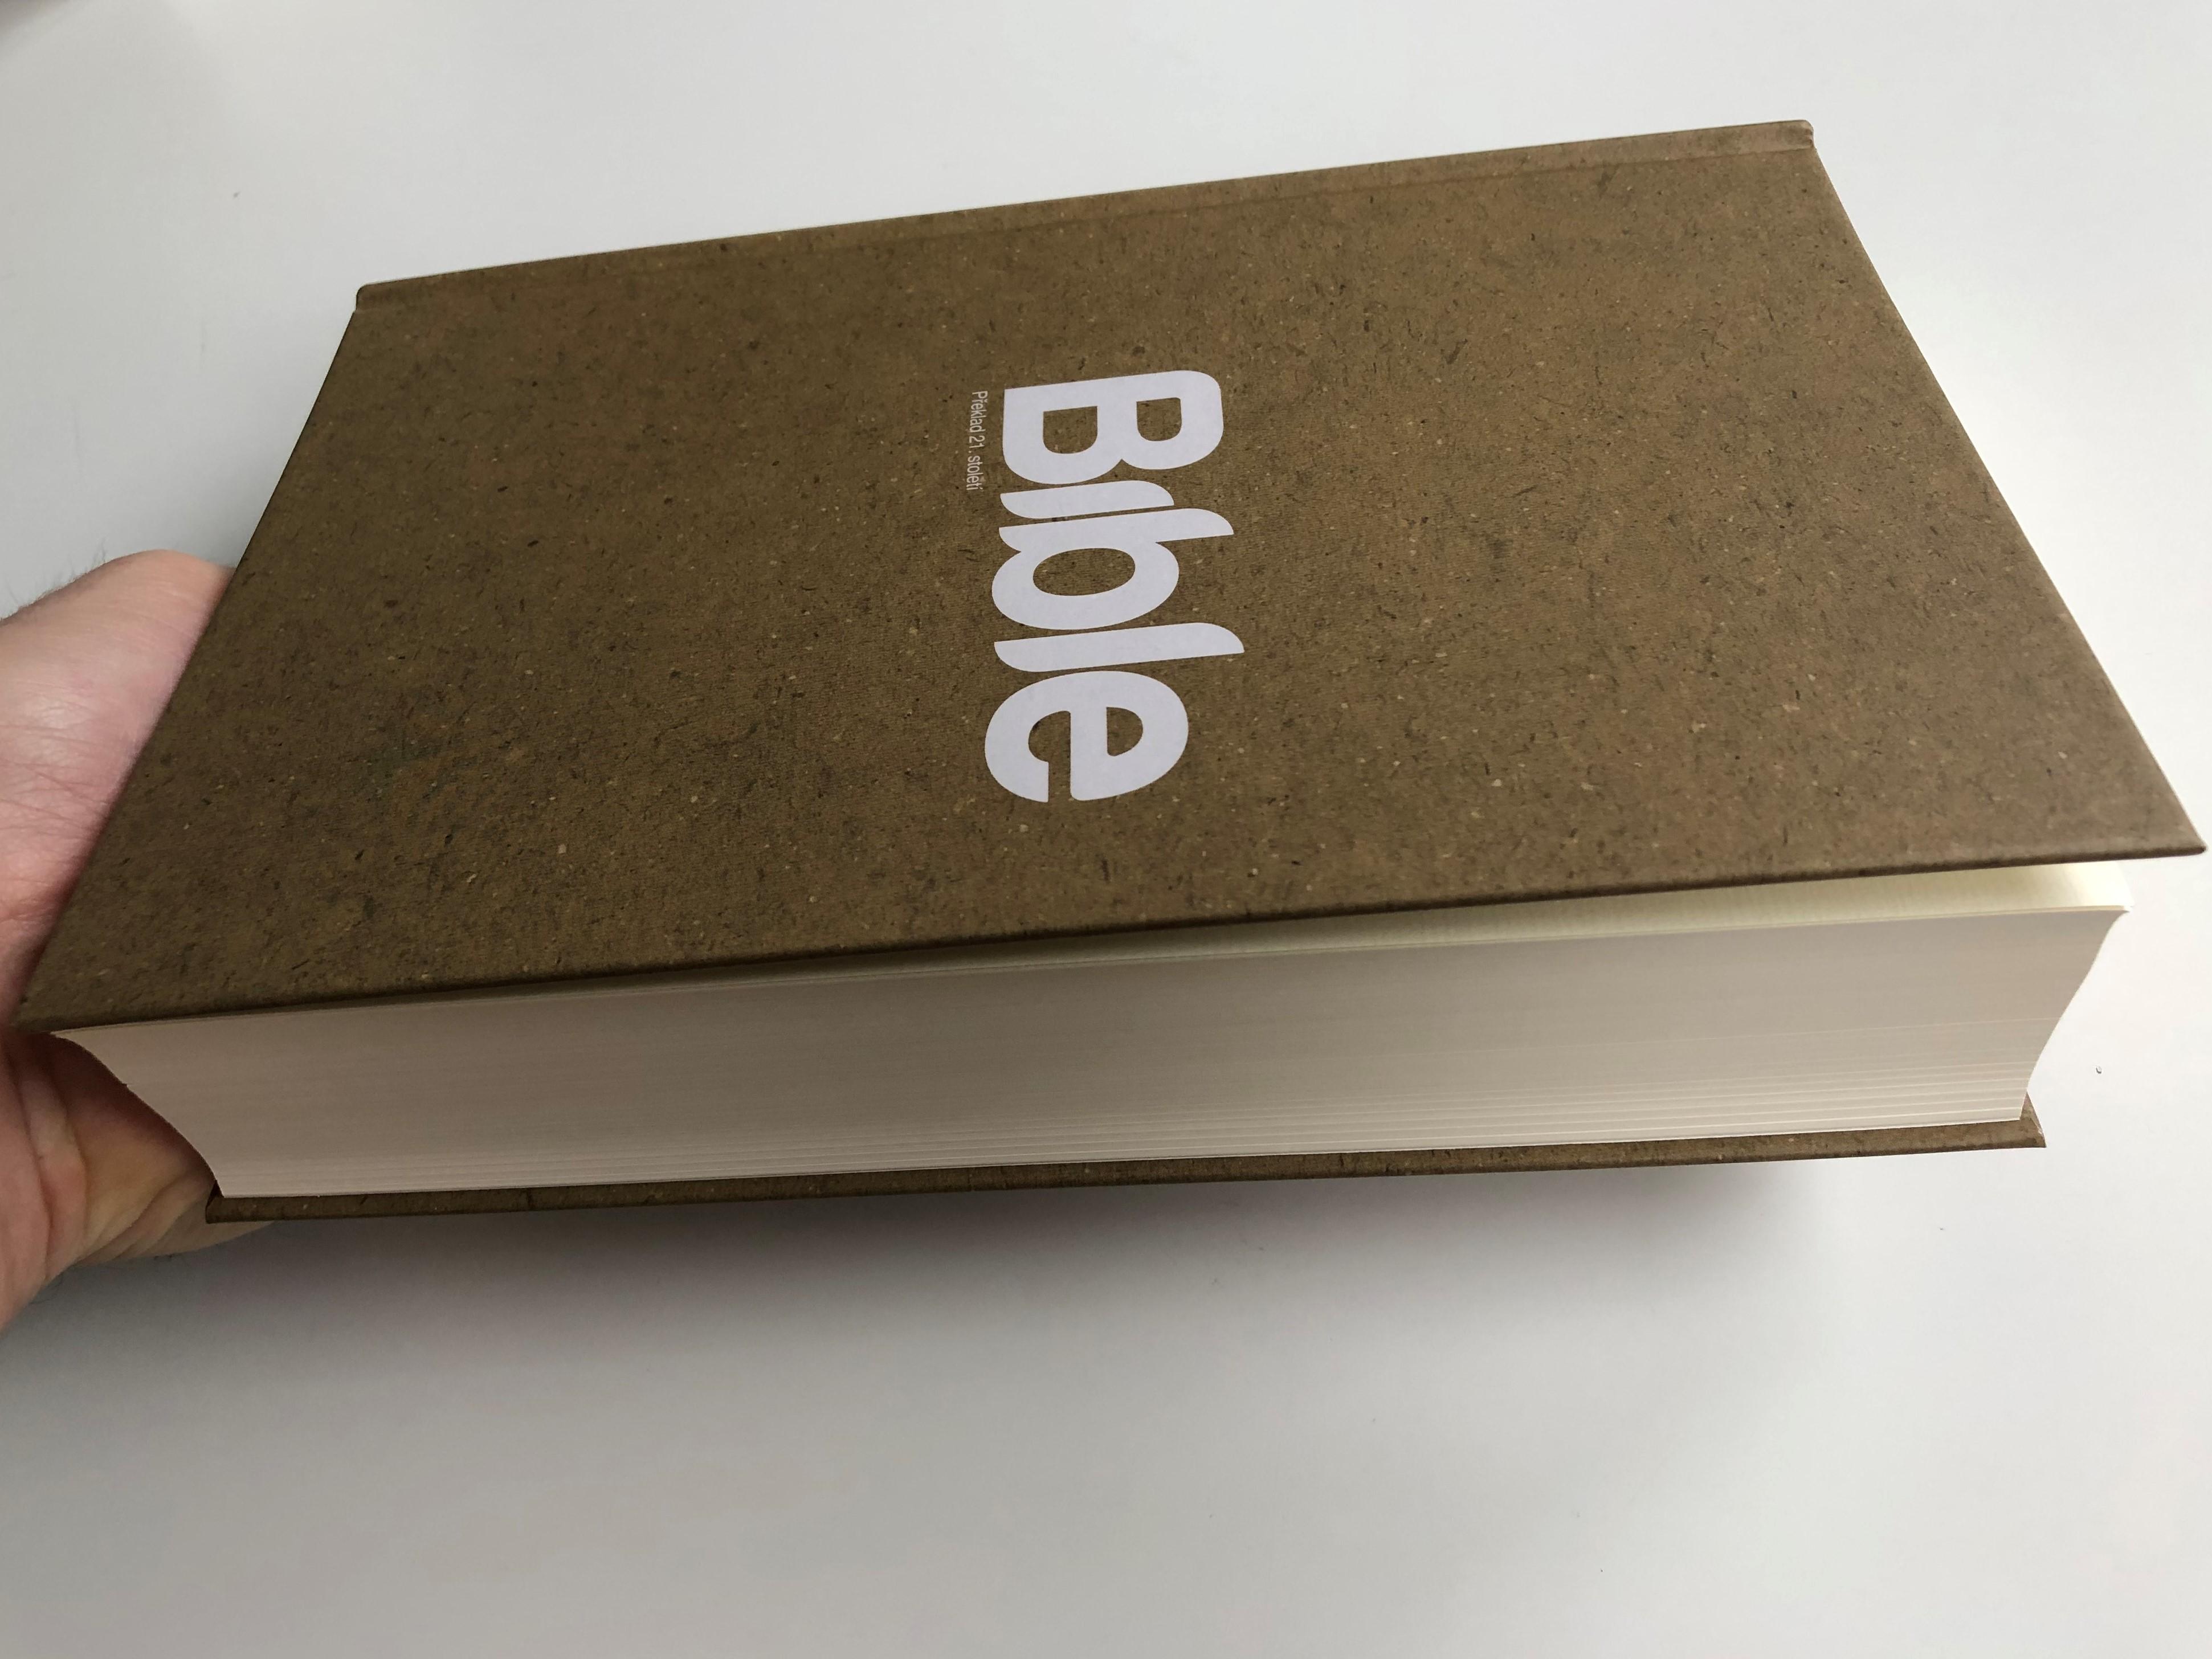 czech-large-print-bible-xl-bible21-bible-p-eklad-21.-stolet-26.jpg